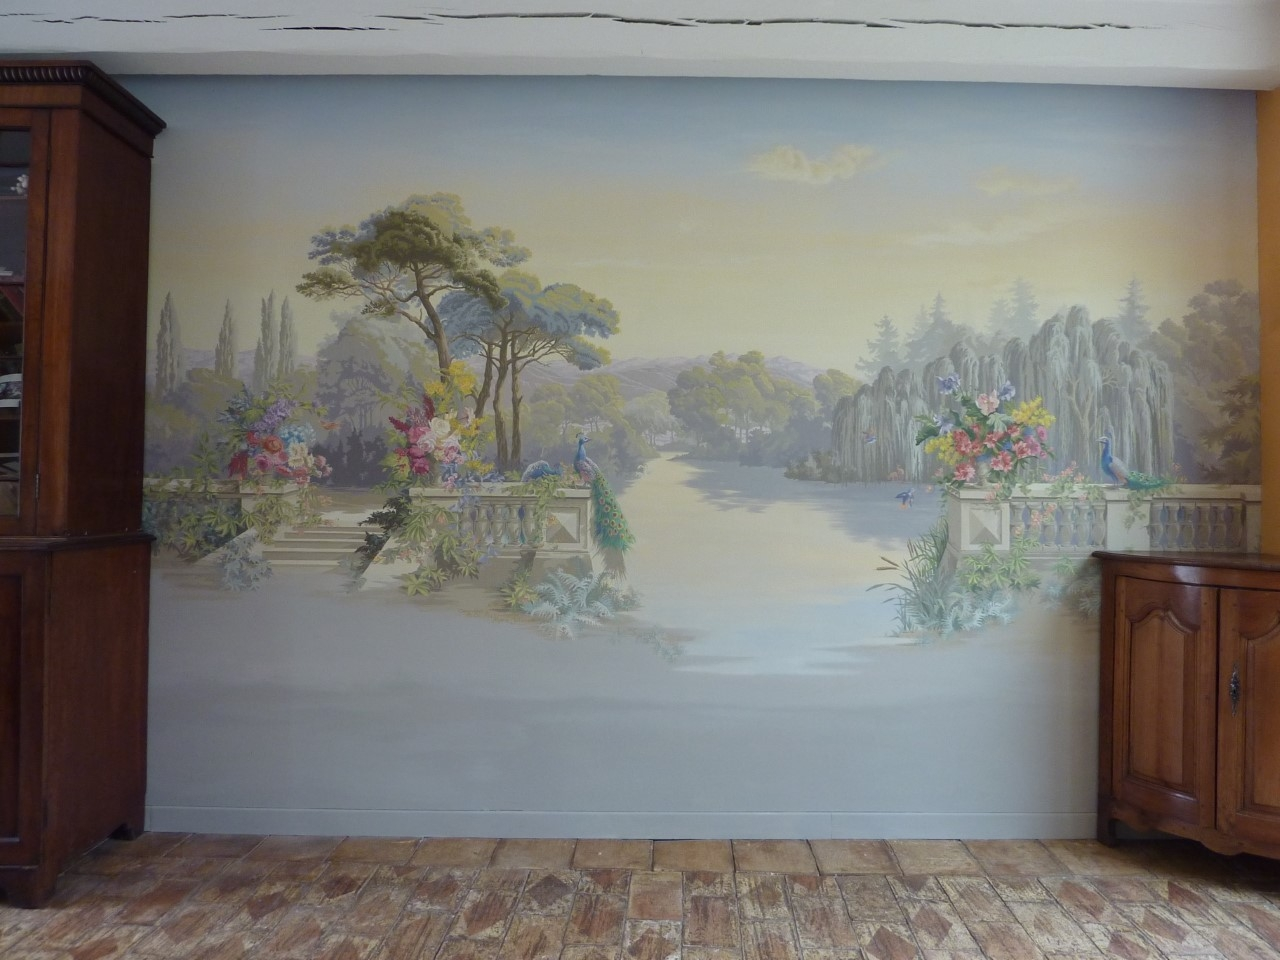 Zuber Décor salon particulier à la manière des papiers peints Züber- fresque en trompe l'oeil